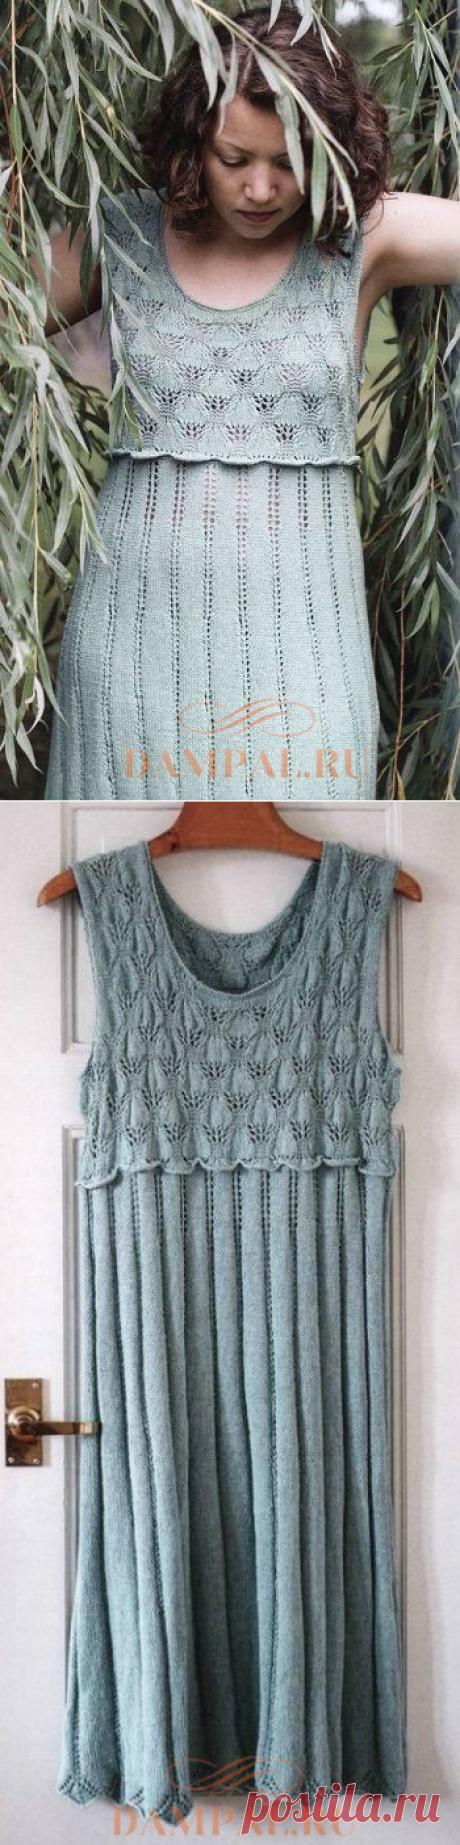 Вязаное платье с кокеткой | DAMские PALьчики. ru